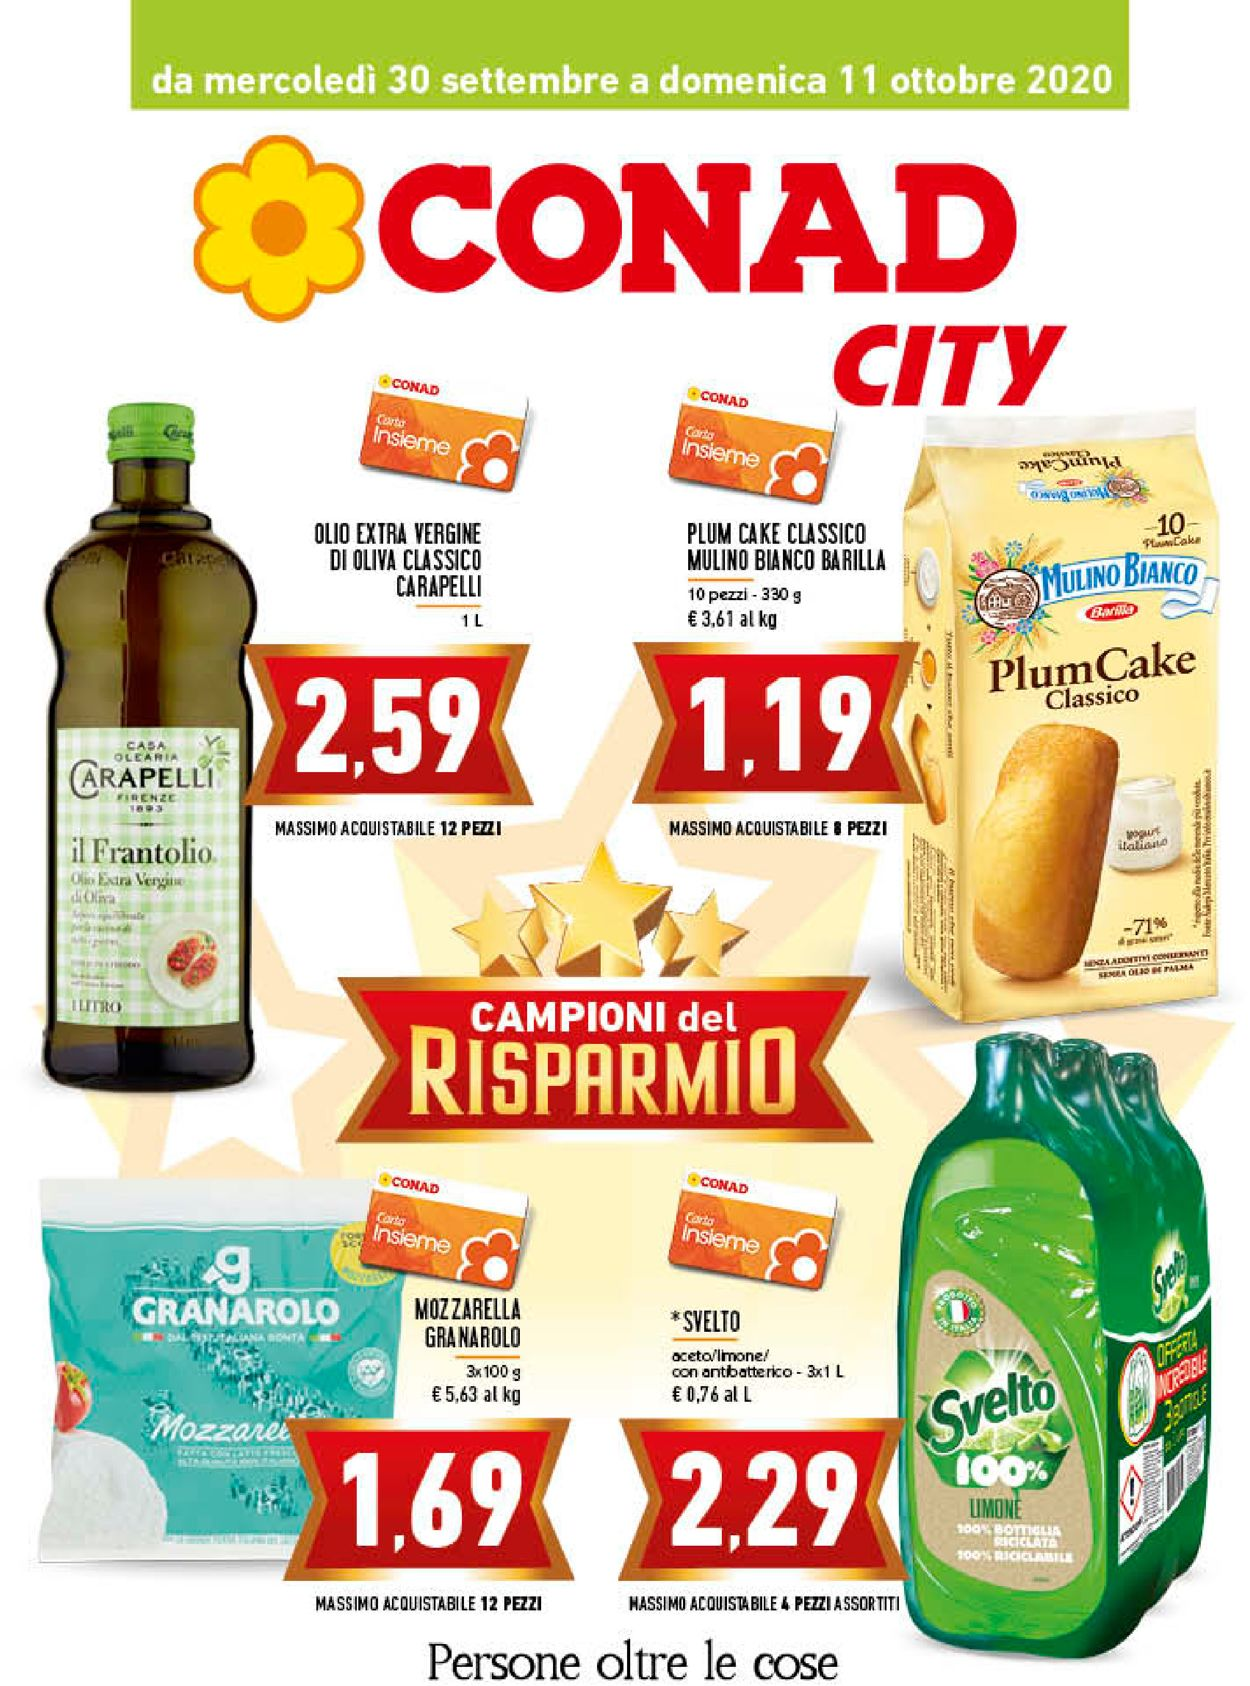 Volantino Conad - Offerte 30/09-11/10/2020